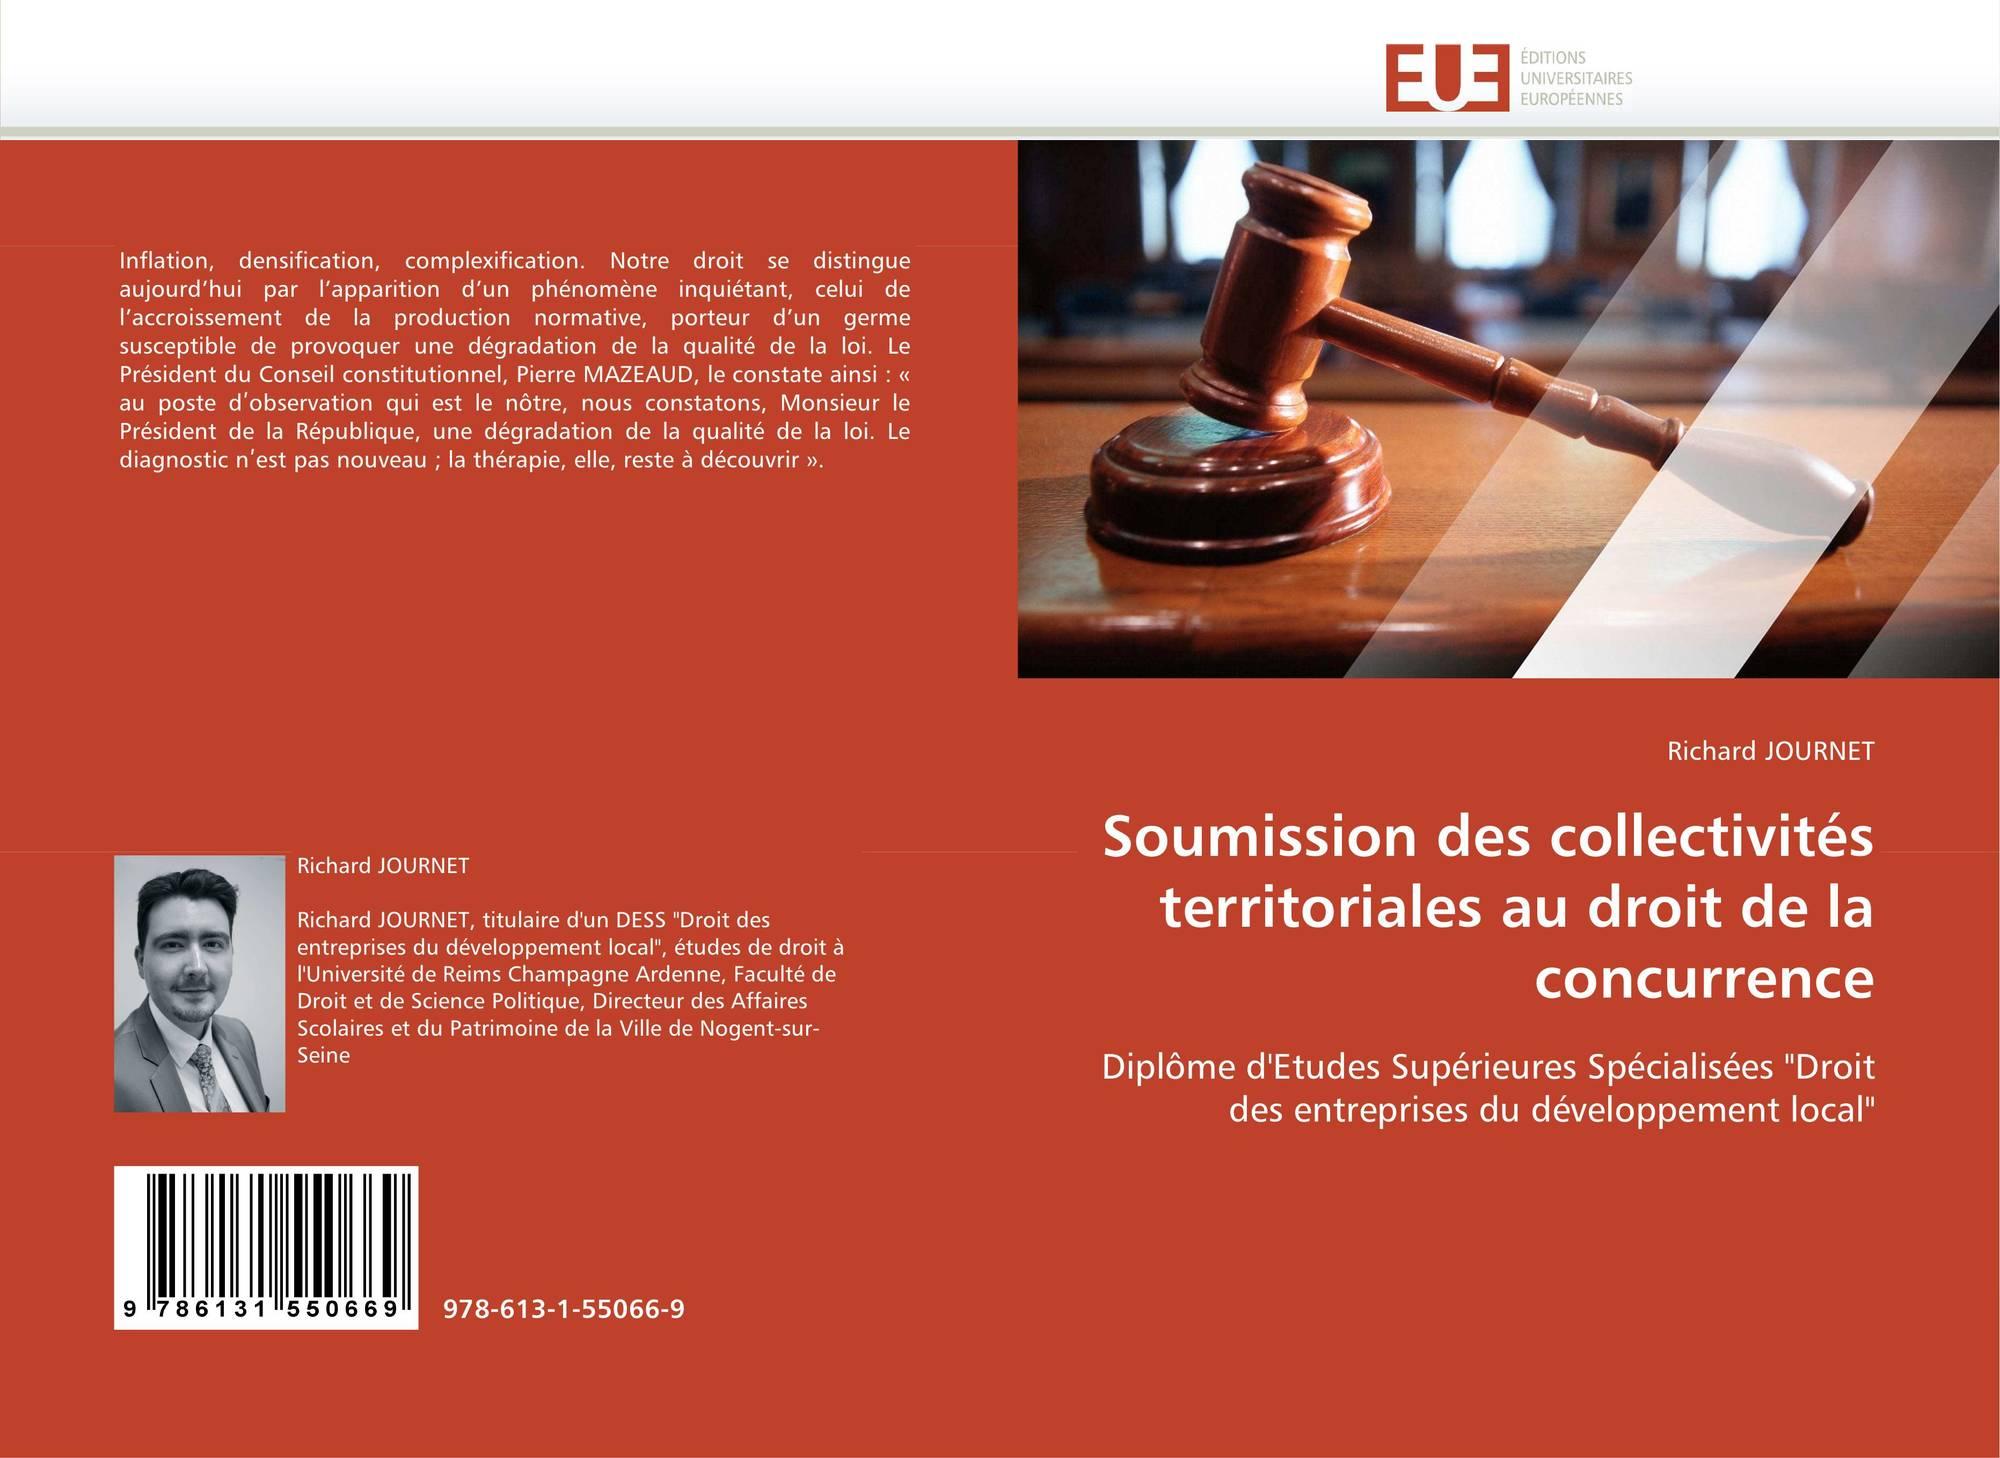 droit de la concurrence dissertation Le droit de la concurrence est constitué par l'ensemble des règles régissant le  comportement  ces deux logiques, du droit de la concurrence et du service  public, paraissent donc  méthodologie de la dissertation juridique.